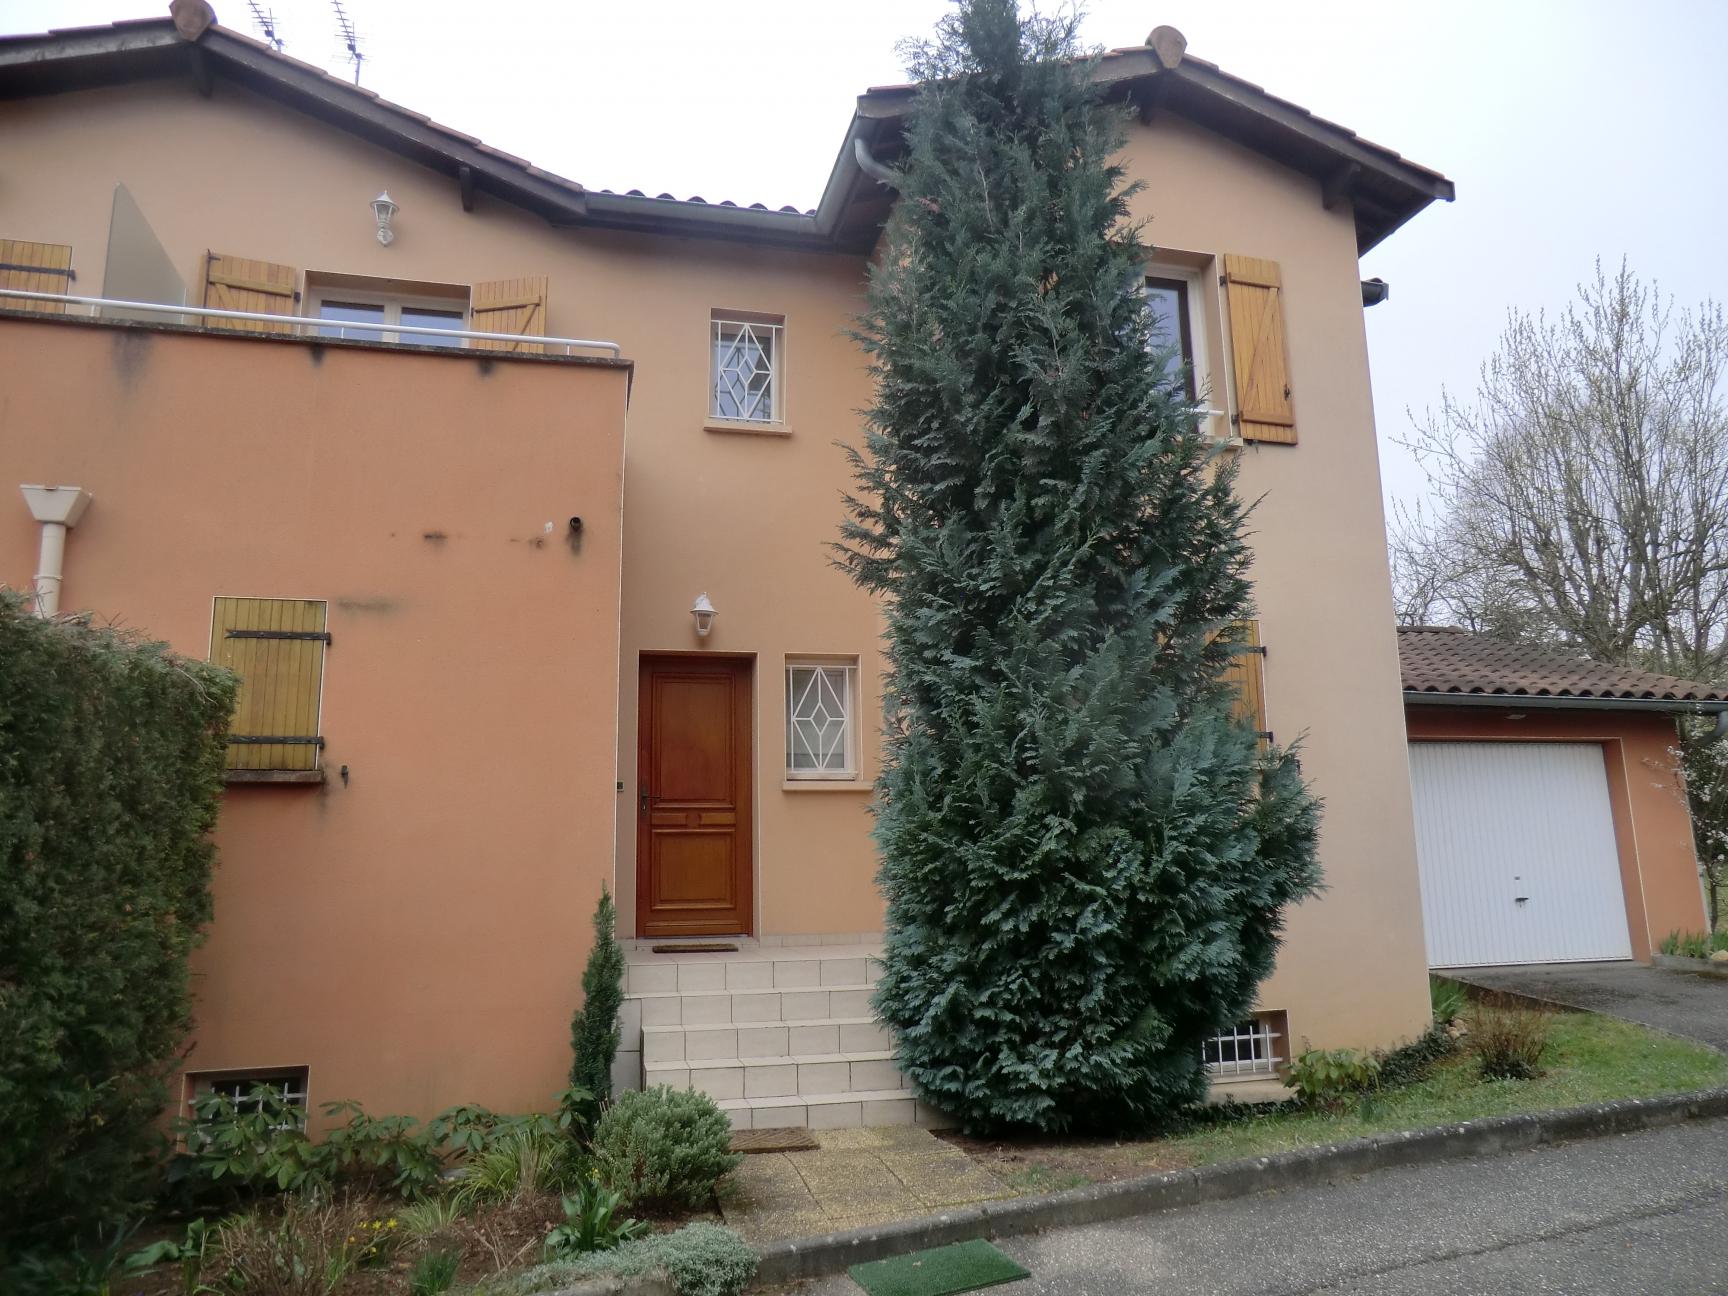 Photos de Maison à Sainte-Foy-Lès-Lyon (69110)